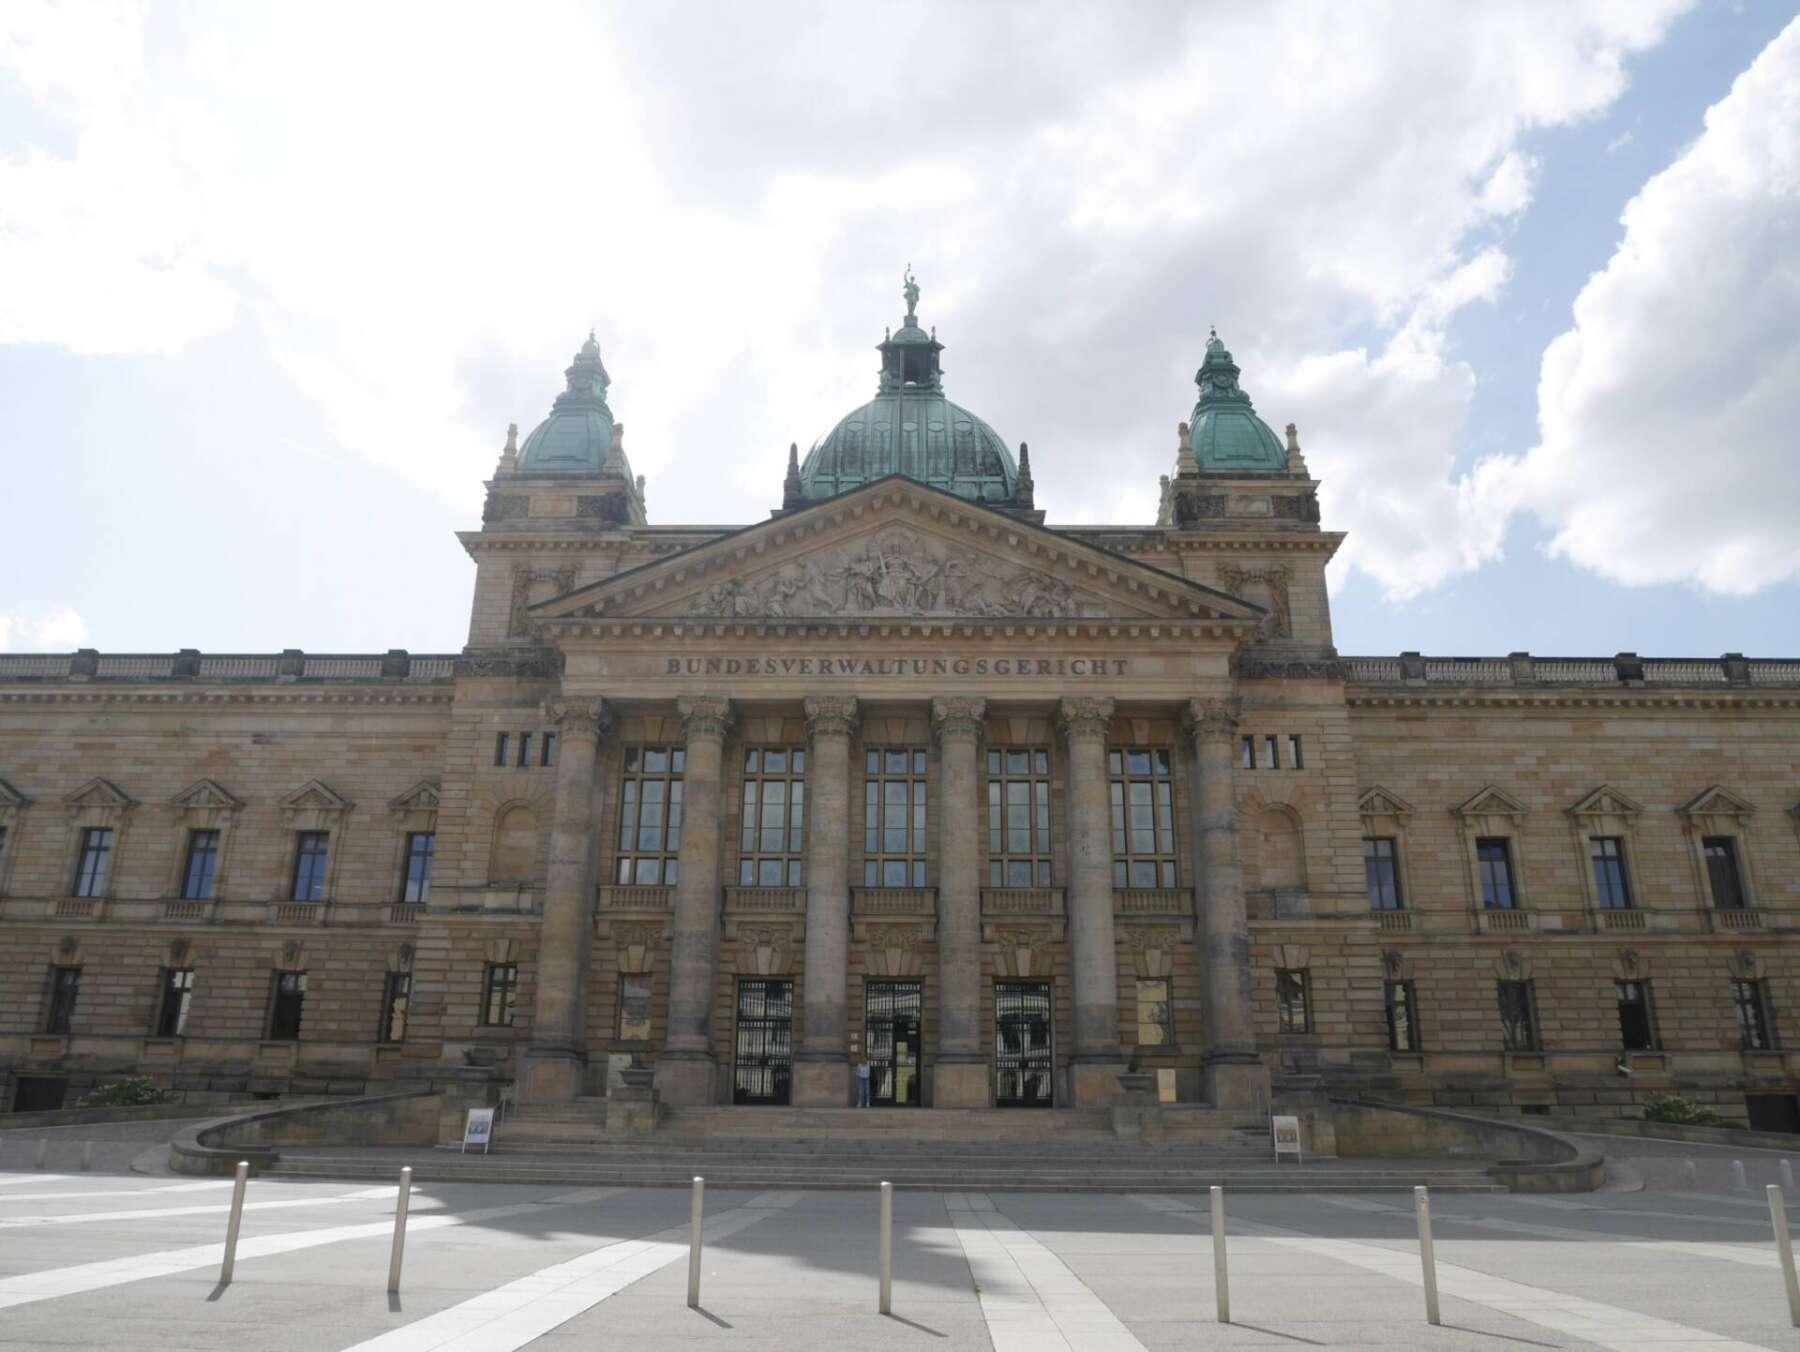 ศาลปกครองกลางแห่งเยอรมัน (Federal Administrative Court of Germany)